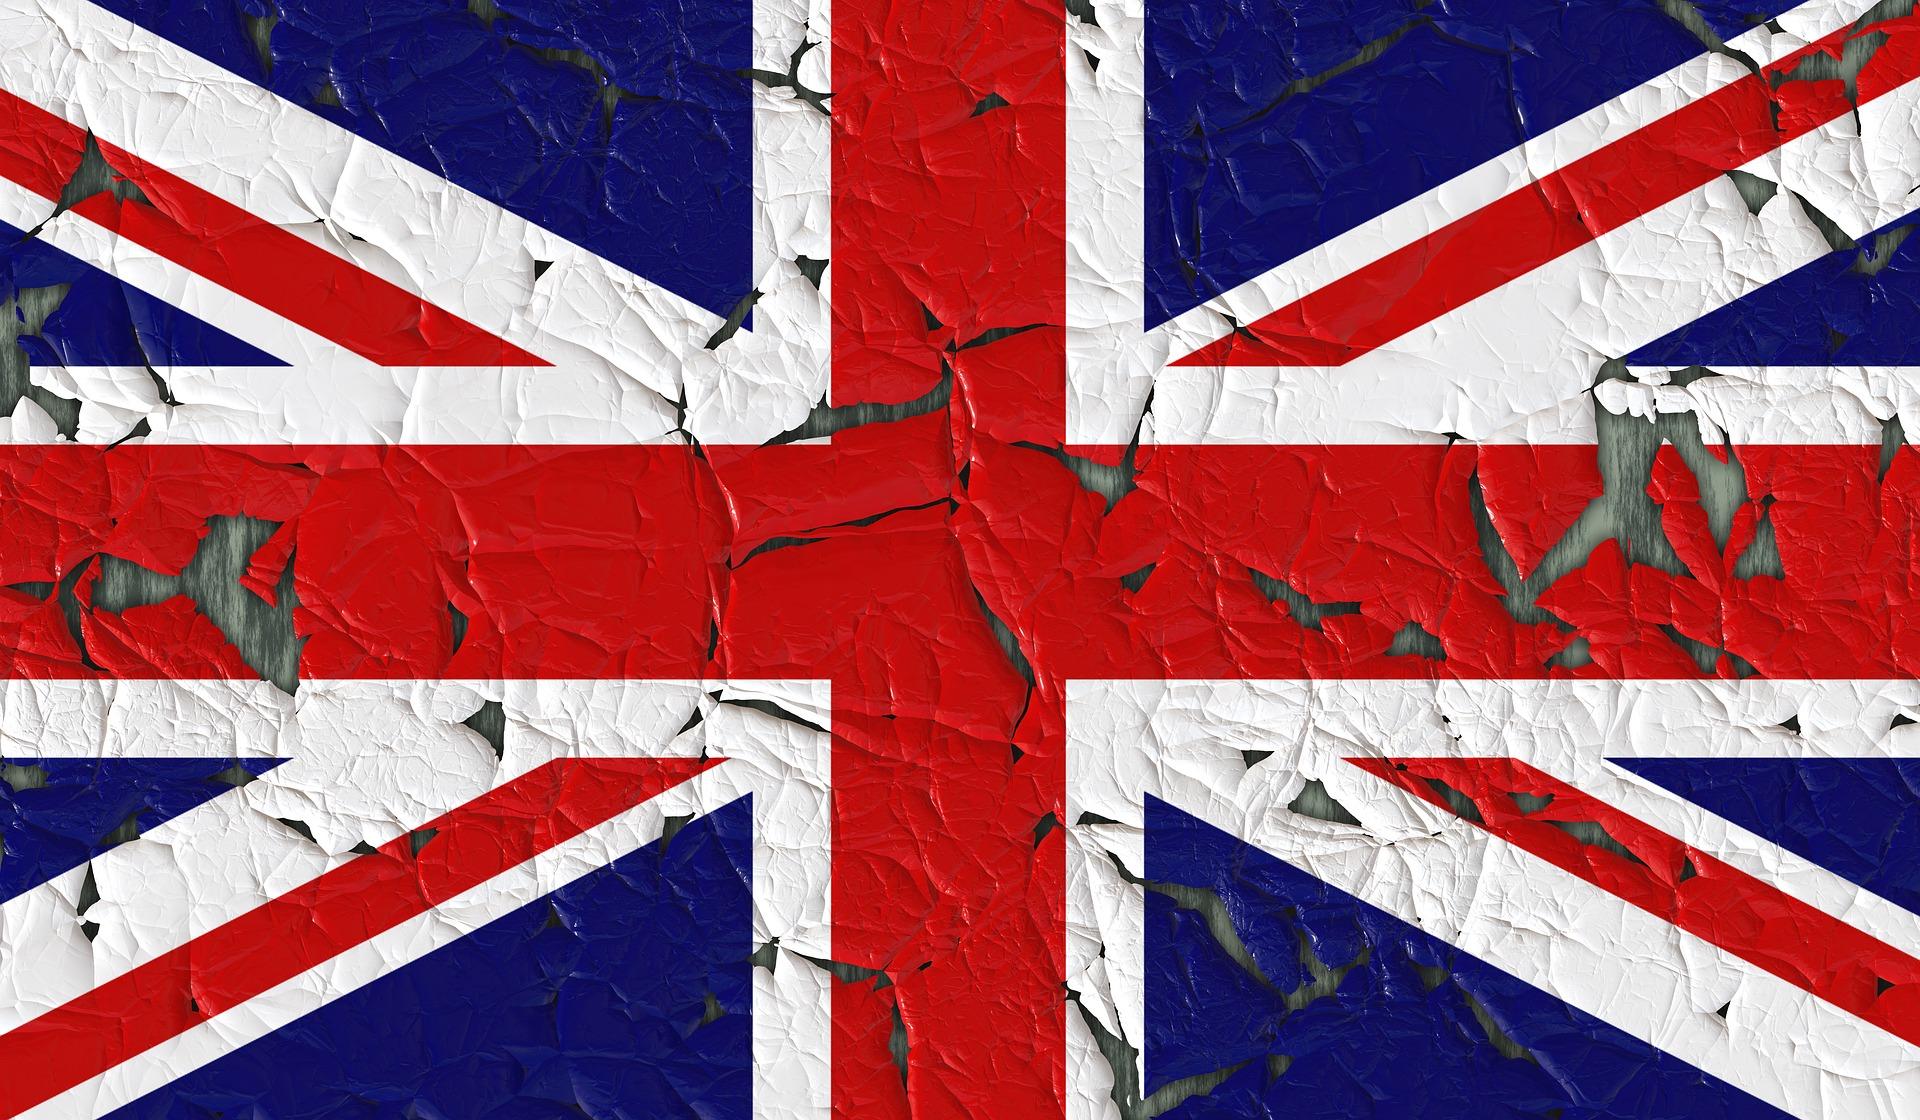 великобритания увеличила ндс до 20%